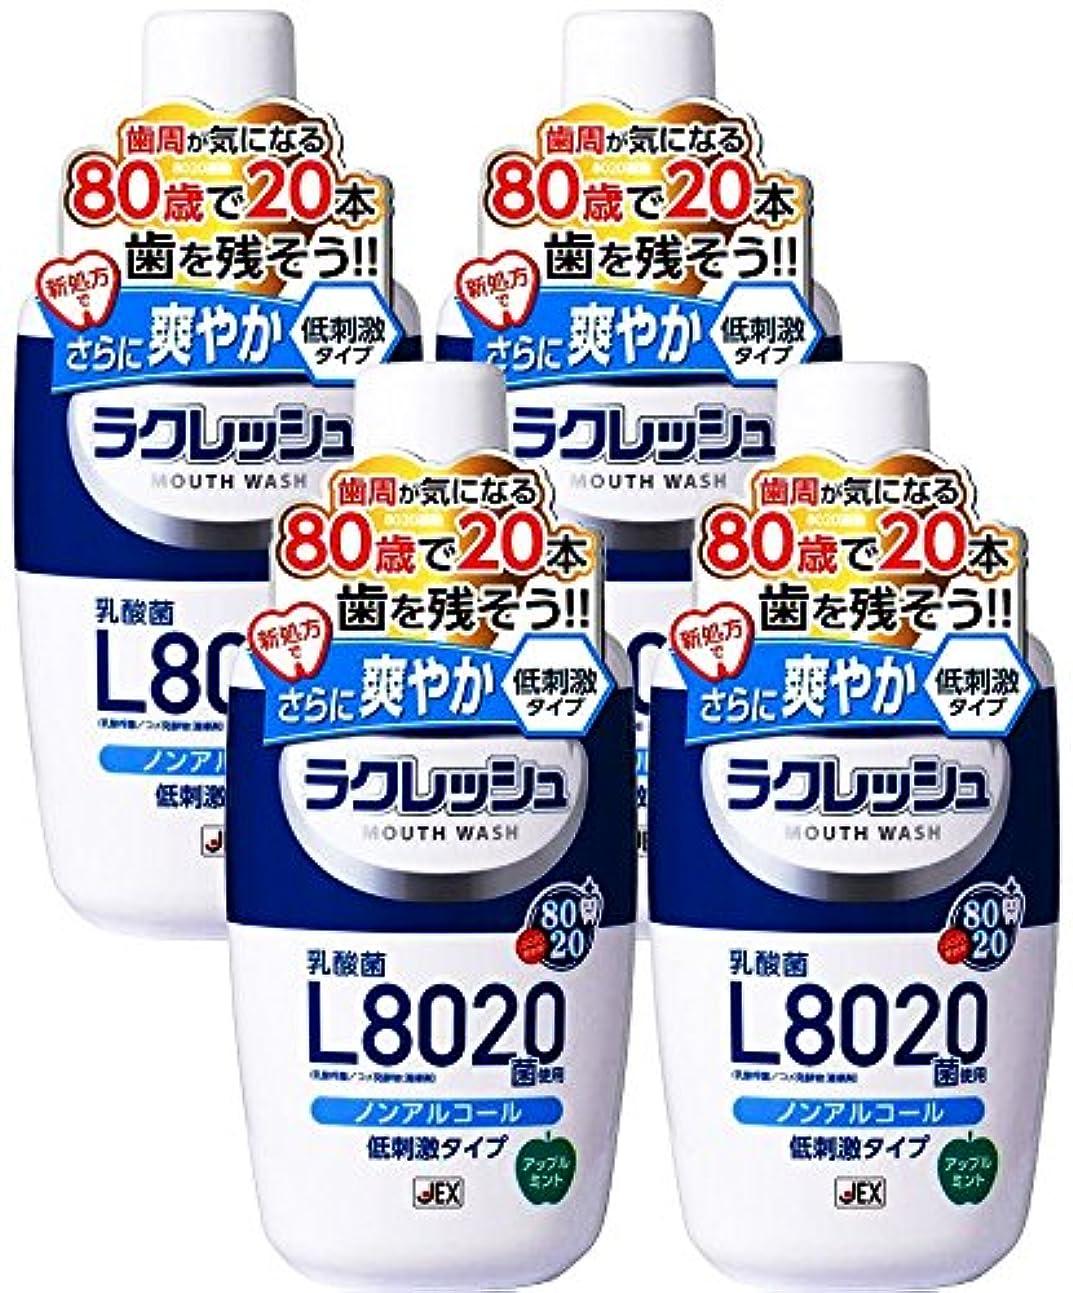 レベル正確なレンダー【4個セット】ラクレッシュ L8020菌 マウスウォッシュ